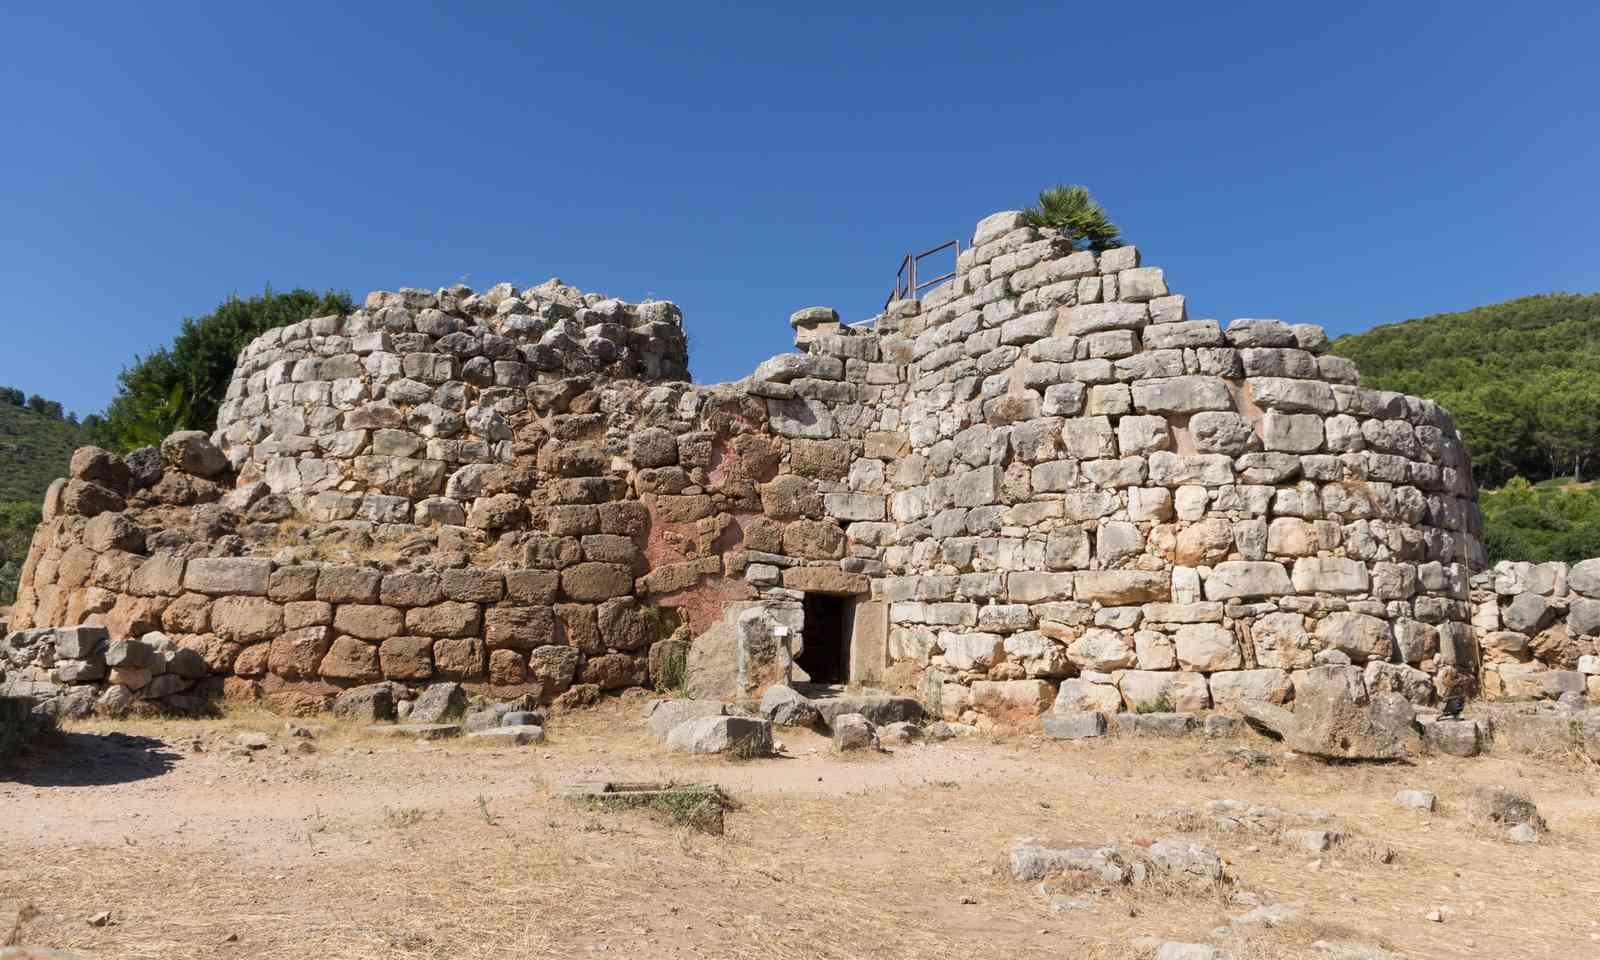 The nuraghe in Palmavera (Dreamstime)